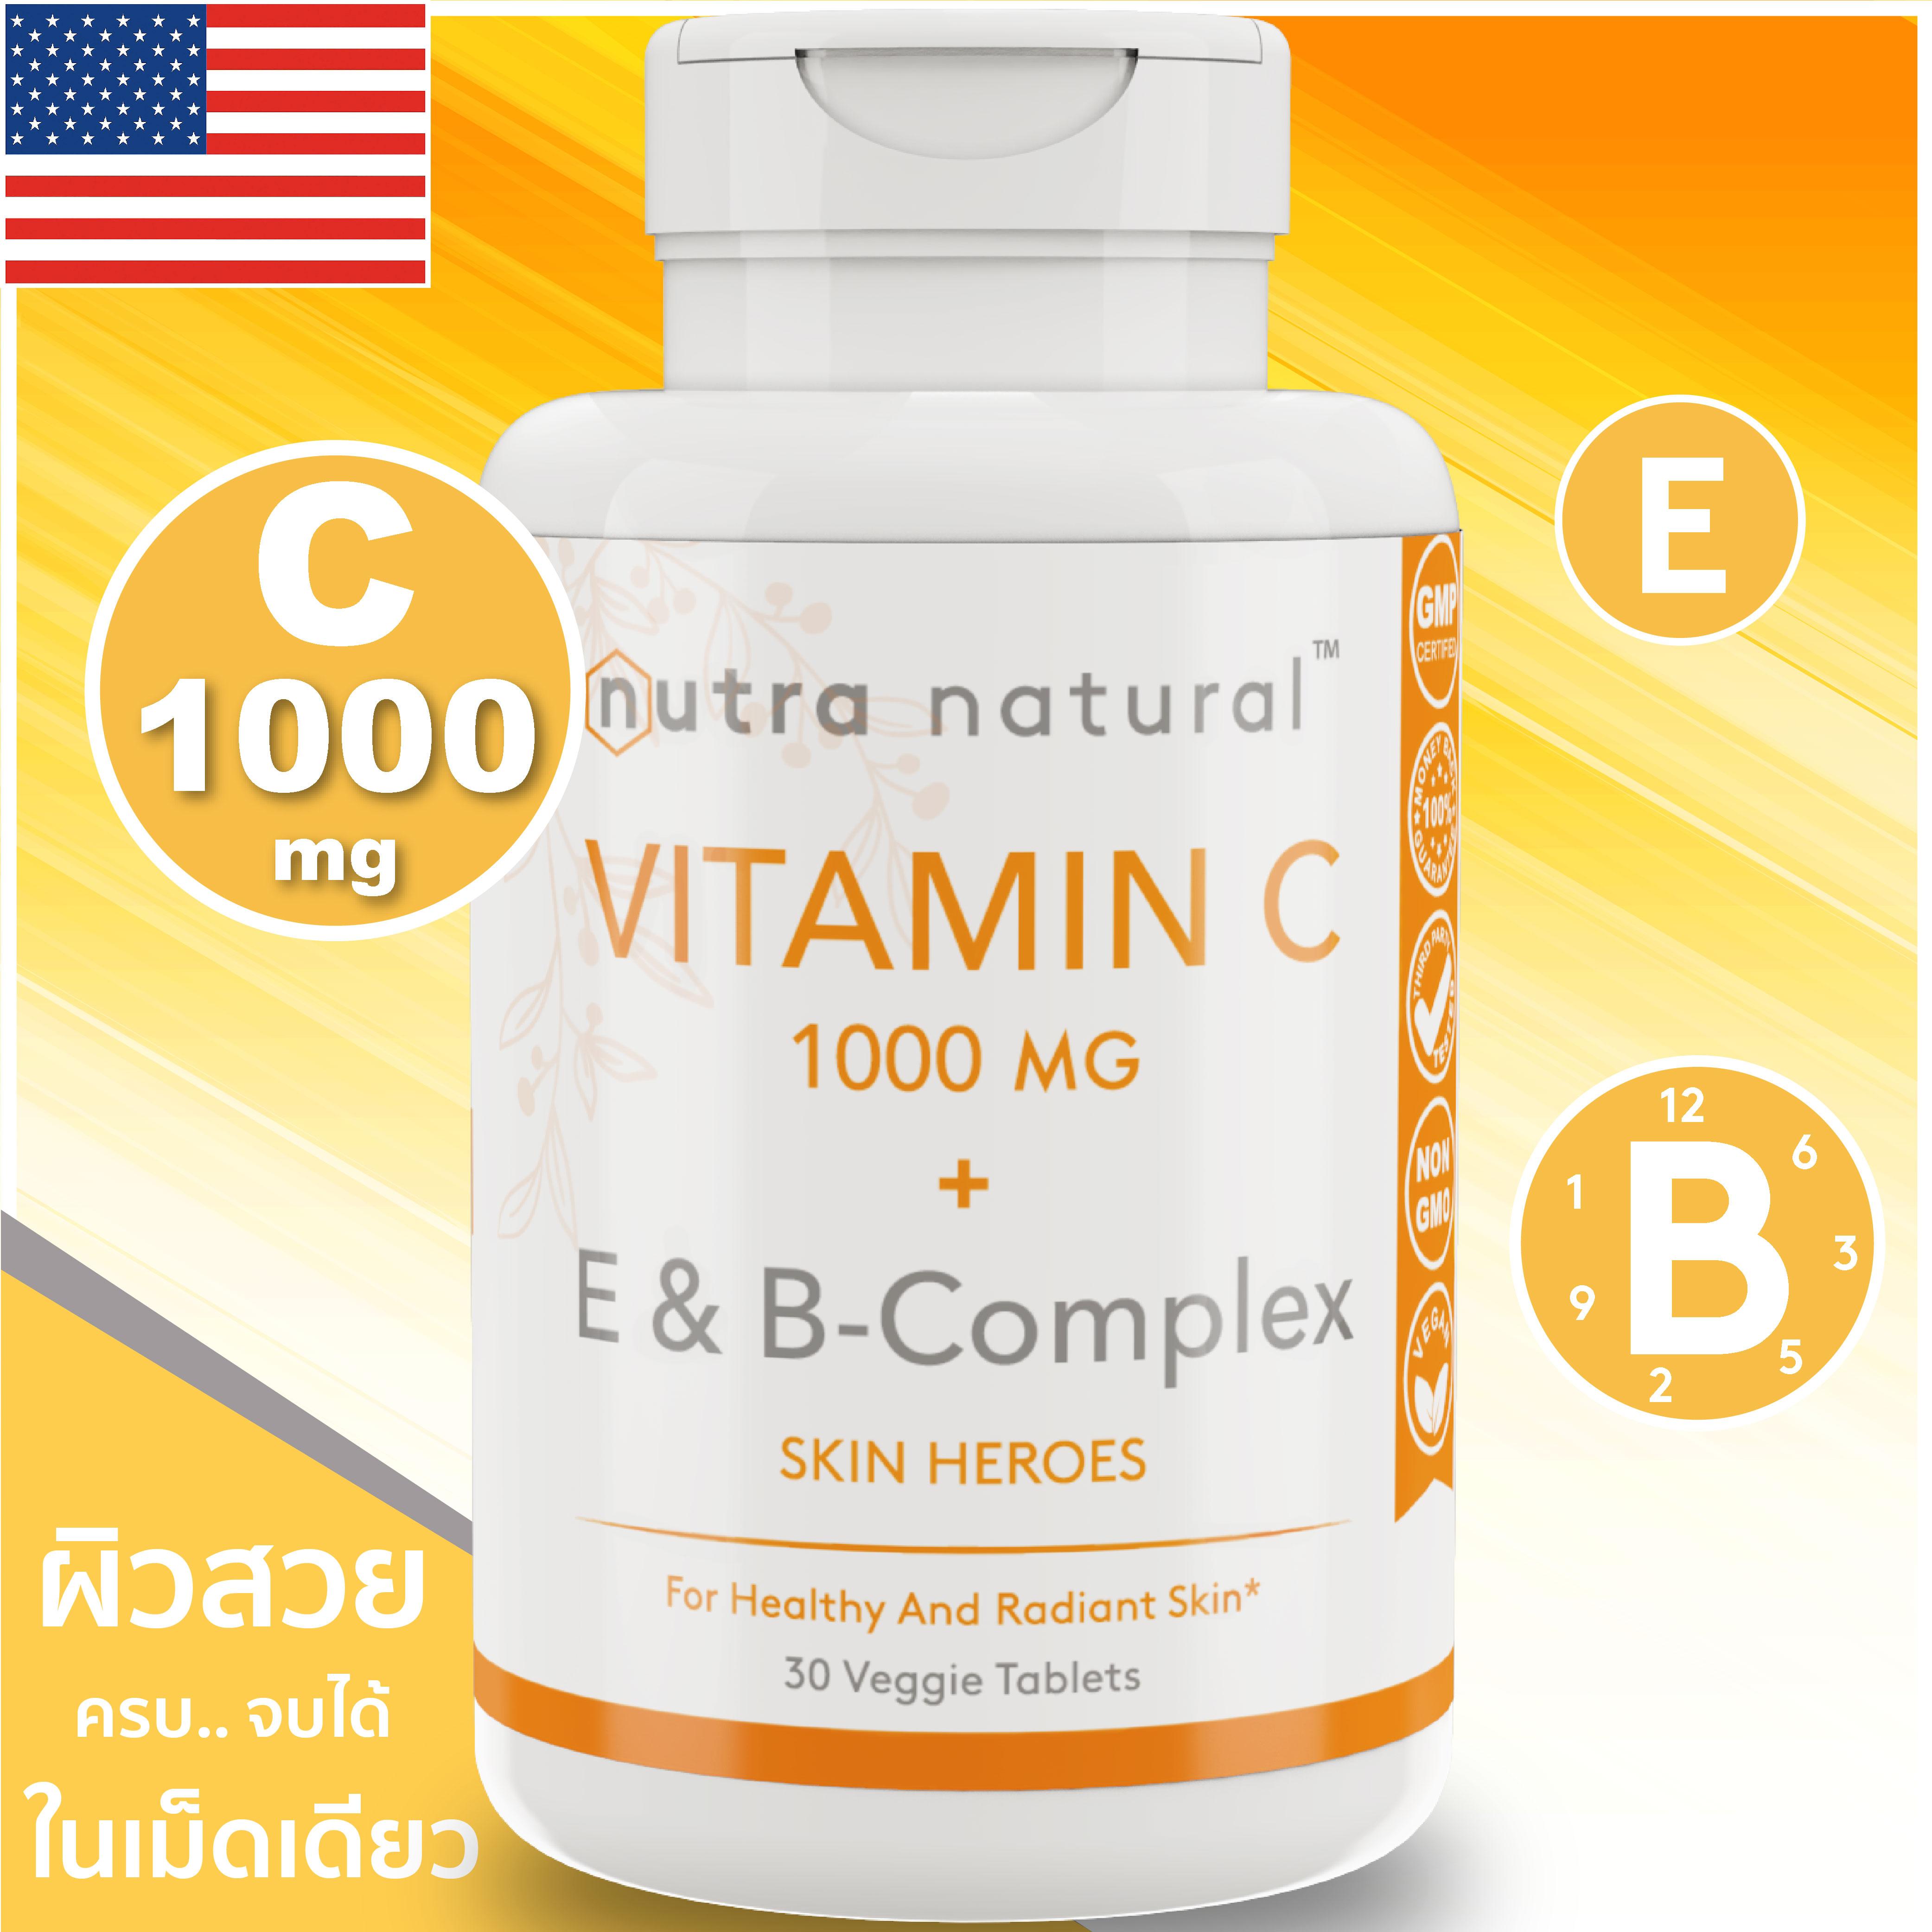 วิตามินบำรุงผิว วิตามินซี 1000 วิตามินอี วิตามินบีรวม Vitamin C Vitamin E Vitamin B-Complex บำรุงผิวขาวกระจ่างใส สร้างภูมิป้องกันหวัด Nutra Natural.